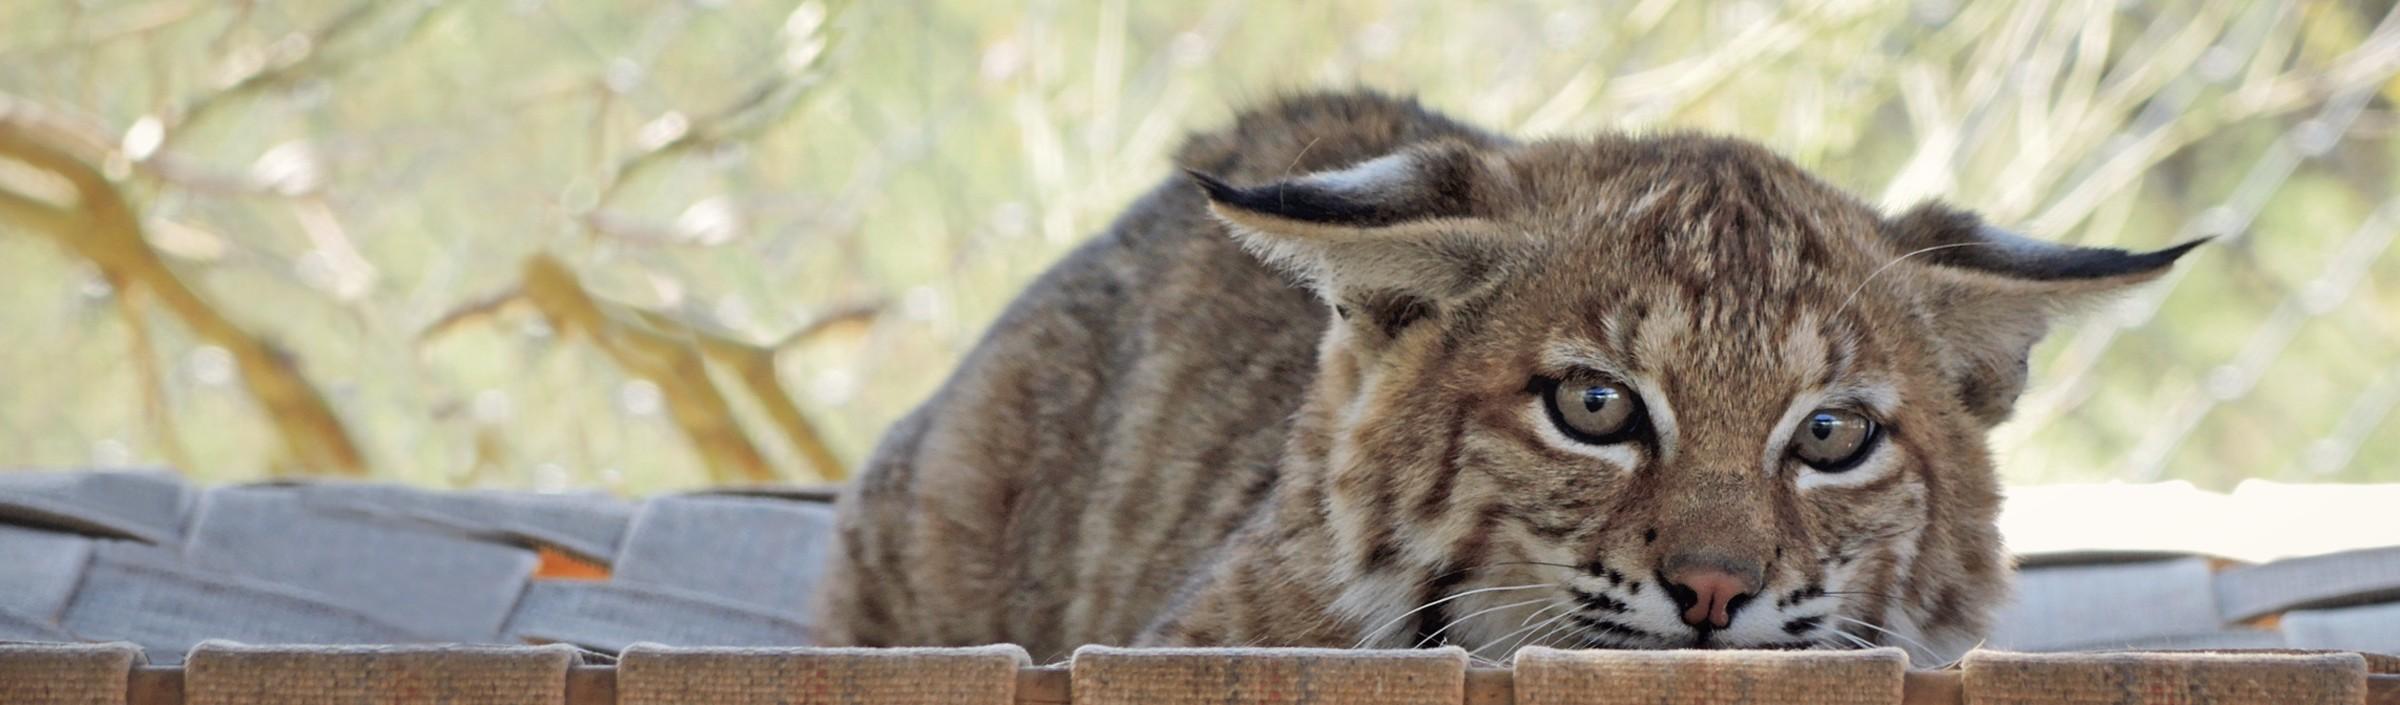 Wildlife as pets advice Southwest Wildlife rehabilitation sanctuary